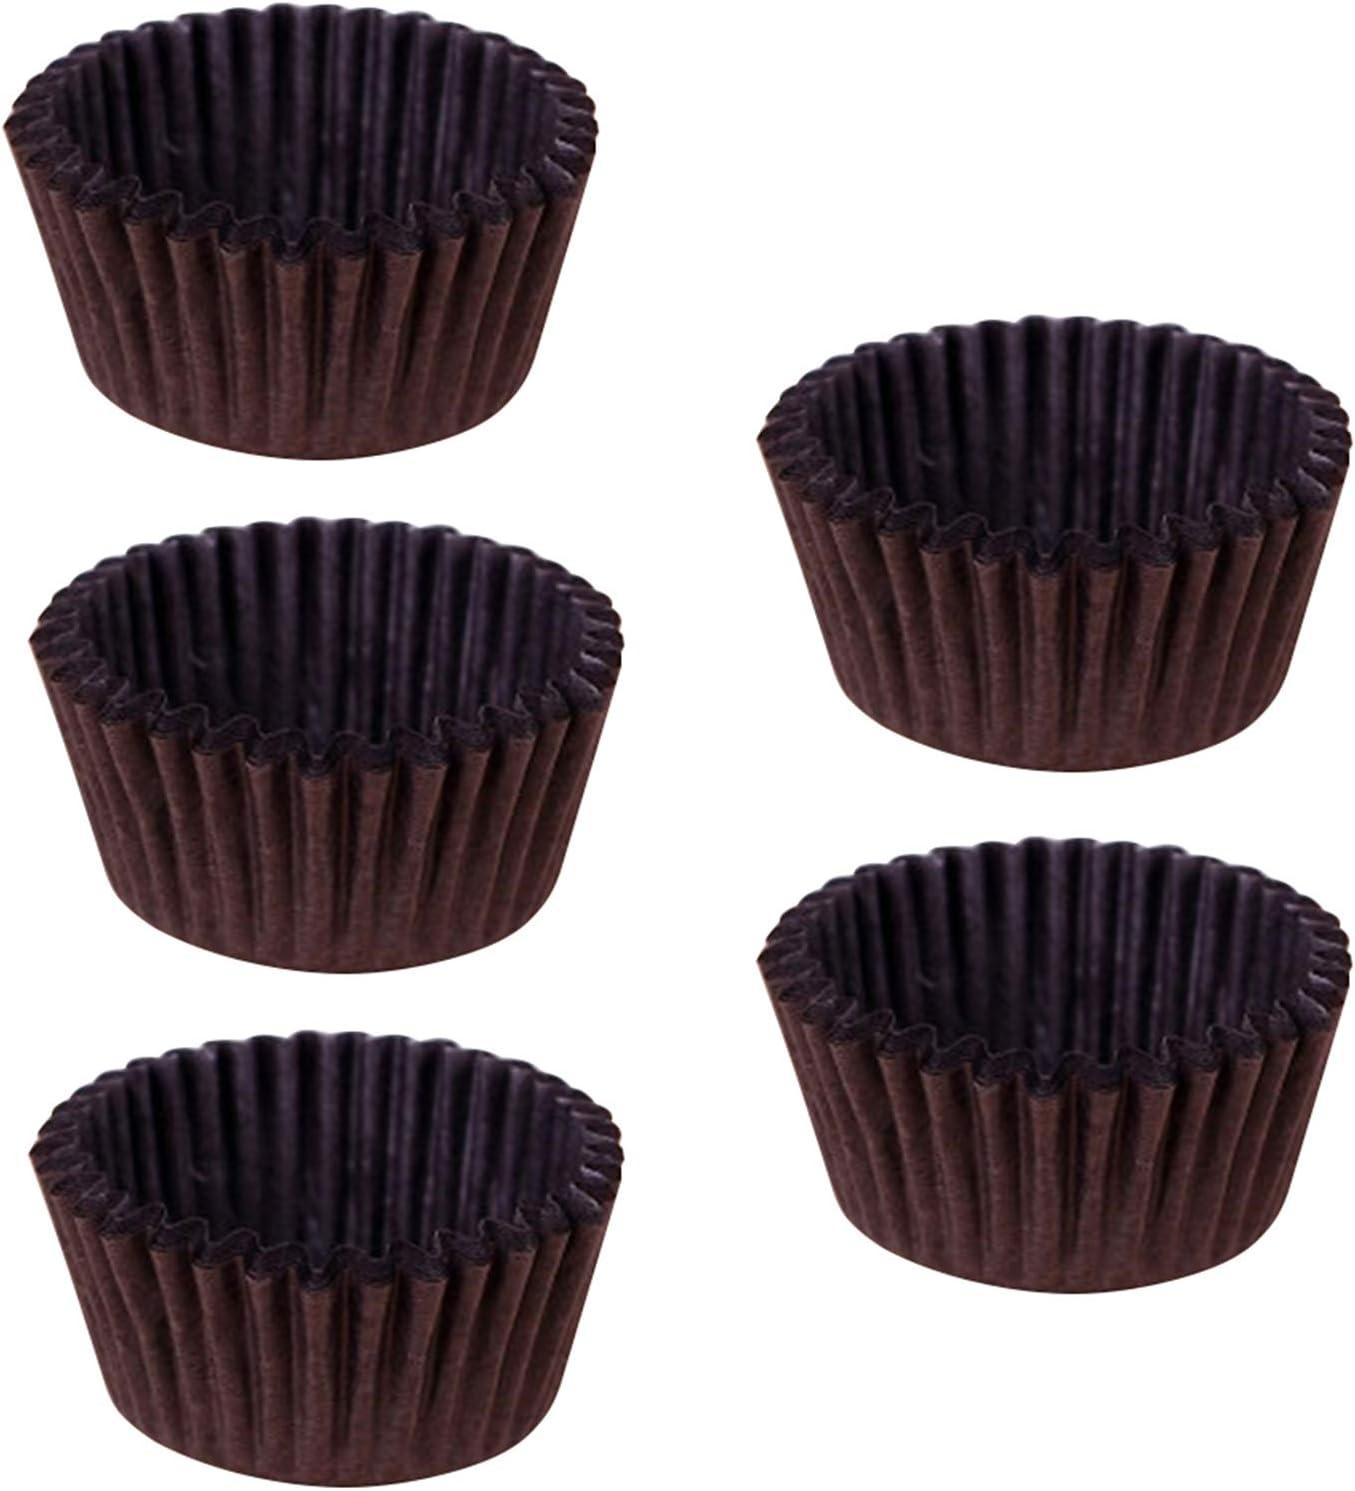 Brown 500pcs Moldes para Cupcakes,5 cm//1,97 Papel Desechable para Hornear Vasos Forros Seguro Grado Alimenticio a Prueba de Grasa Molde para Muffins Pasteles Helados Pudines